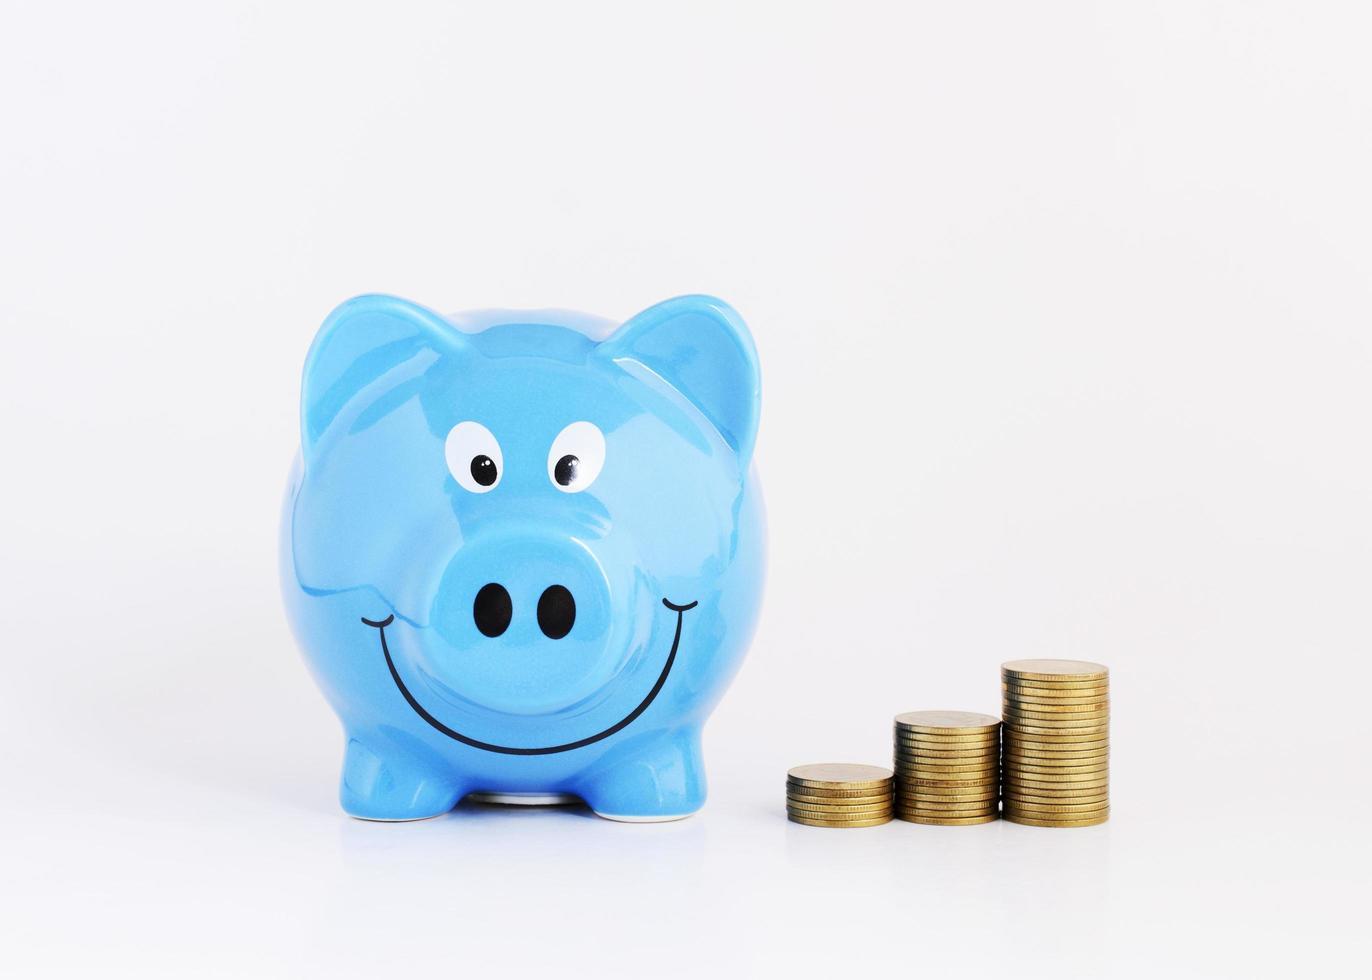 sparande plan koncept med blå spargris och pengar mynt stack på vit bakgrund foto